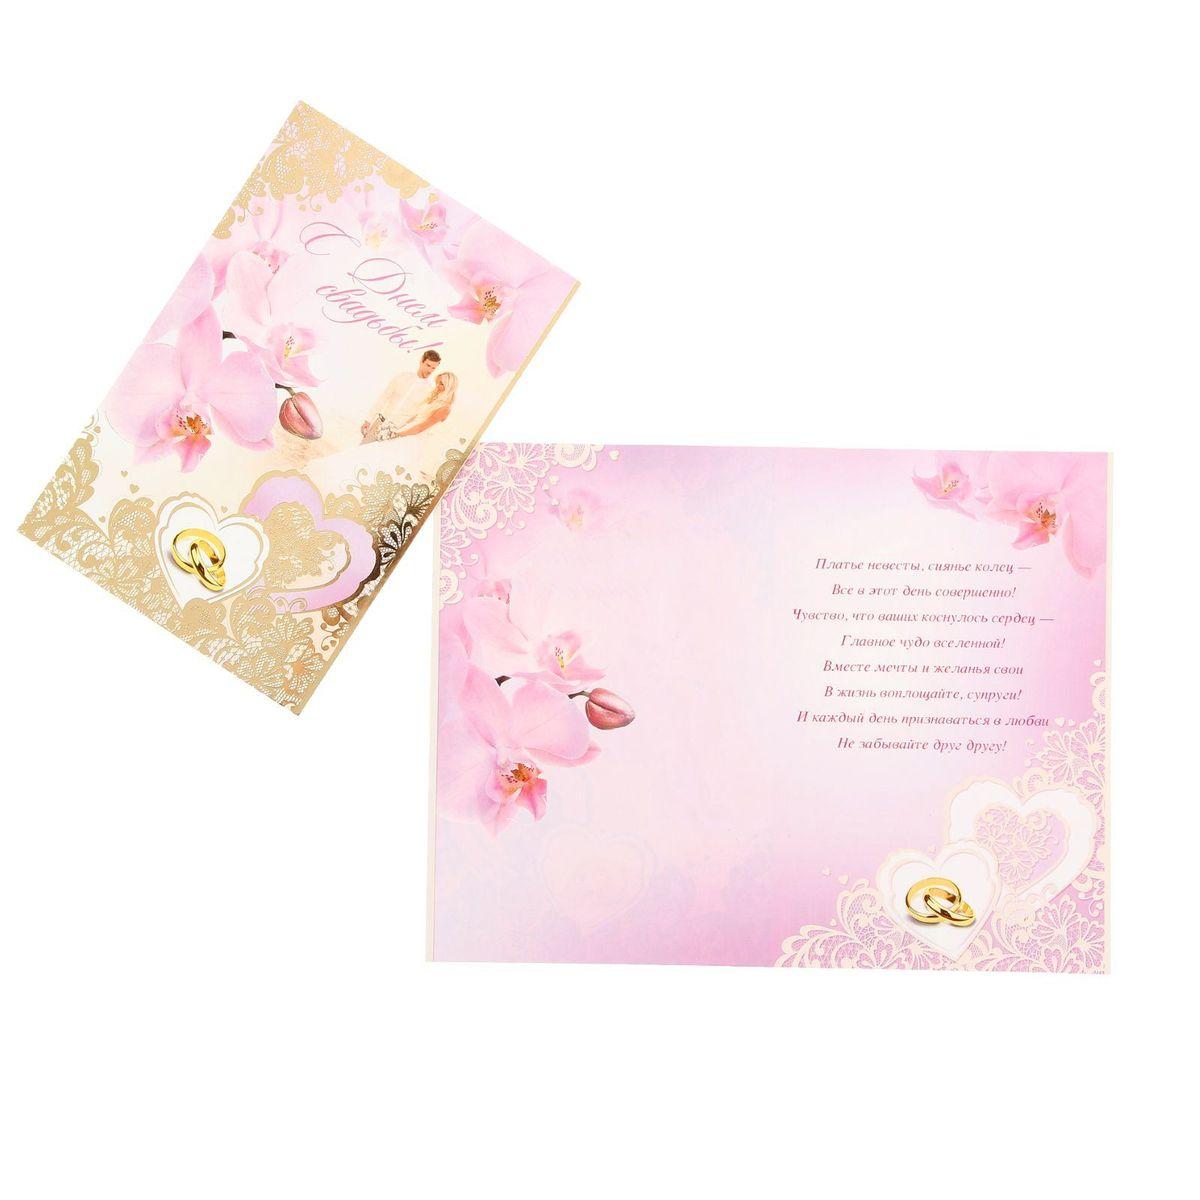 Открытка Мир открыток С Днем свадьбы! Розовые орхидеи1197941Если вы хотите порадовать себя или близких, создать праздничное настроение и с улыбкой провести памятный день, то вы, несомненно, сделали правильный выбор! Открытка Мир открыток С Днем свадьбы! Розовые орхидеи, выполненная из картона, отличается не только оригинальным дизайном, но и высоким качеством.Лицевая сторона изделия оформлена красивым изображением розовых орхидей, молодоженов и колеца также дополнена тиснением фольгой. Внутри открытка содержит текст с поздравлением.Такая открытка непременно порадует получателя и станет отличным напоминанием о проведенном вместе времени.